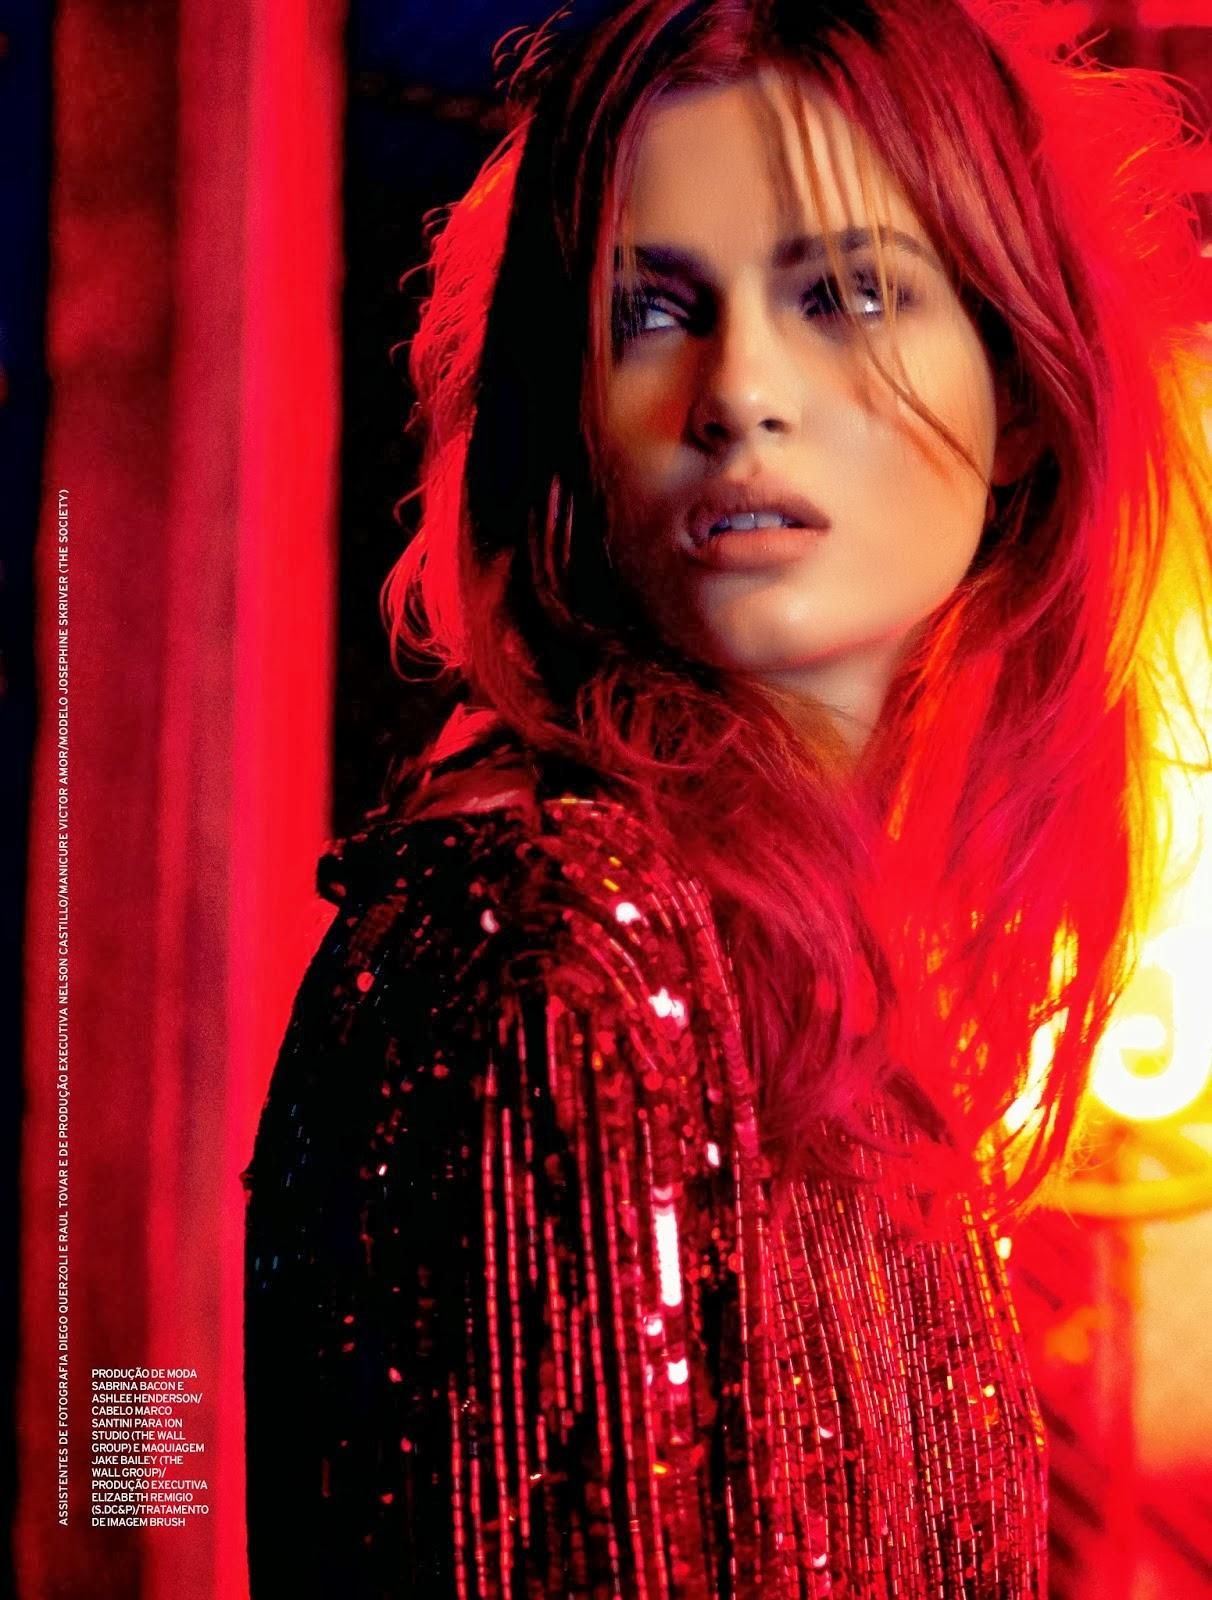 Sequin jacket on Josephine Skriver in Elle Brazil